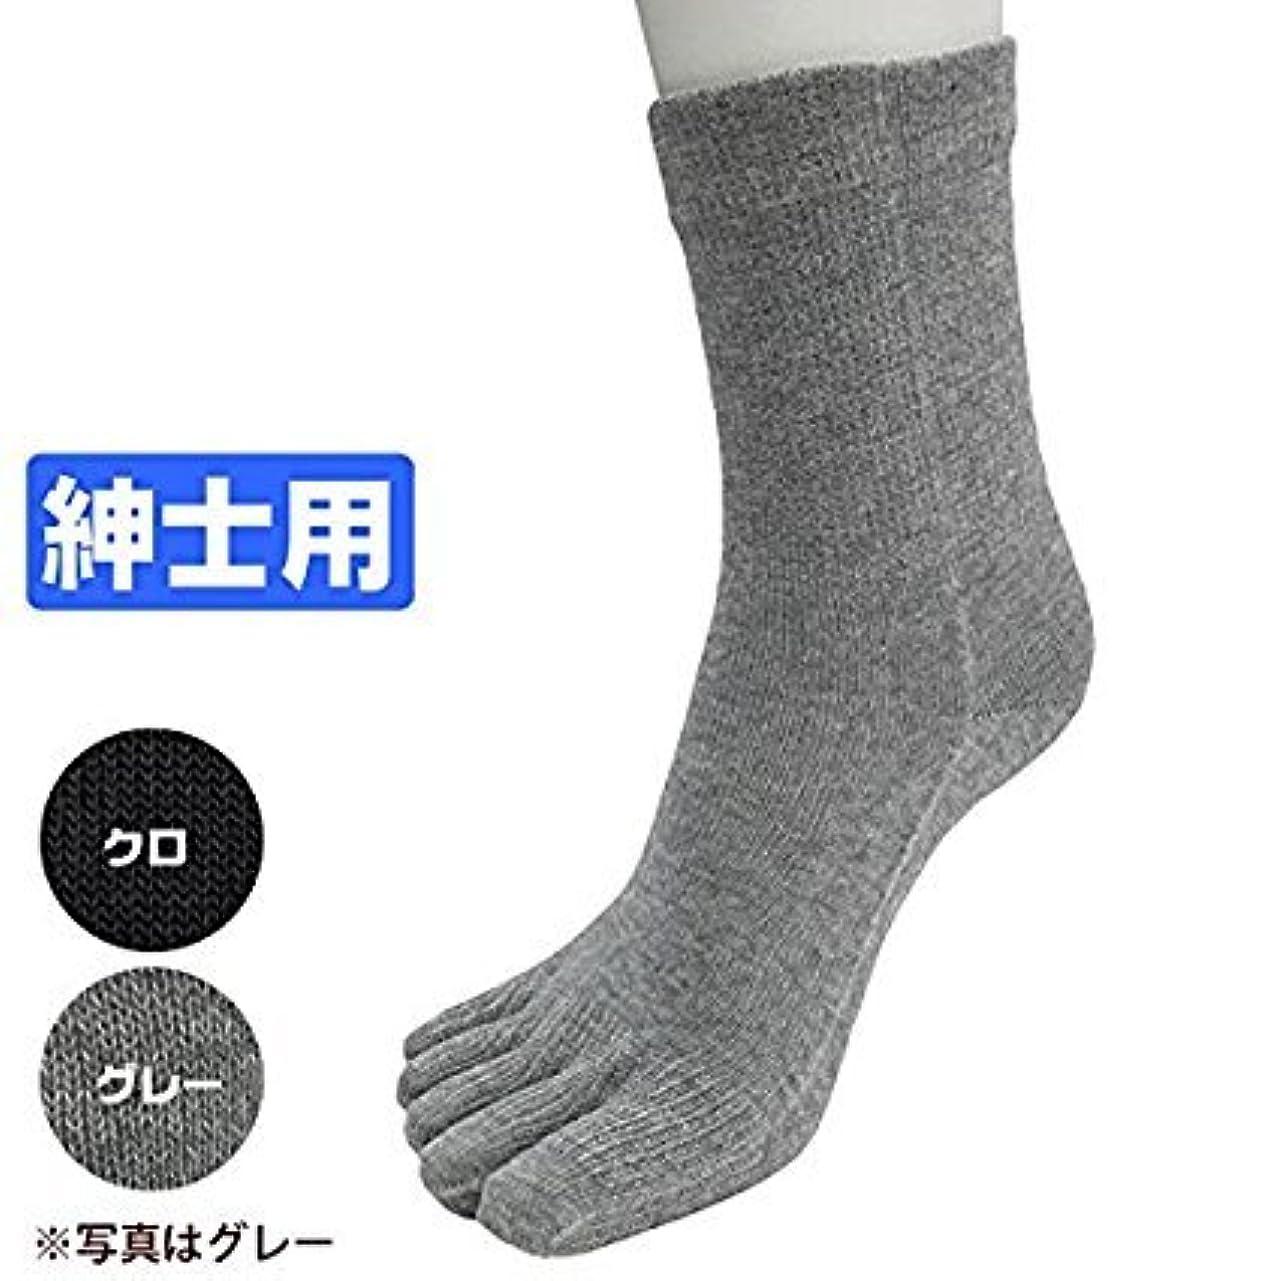 法令夢中入手しますひだまり 5本指ソックス 紳士用 靴下[24~26cm]オールシーズンタイプ (グレー)